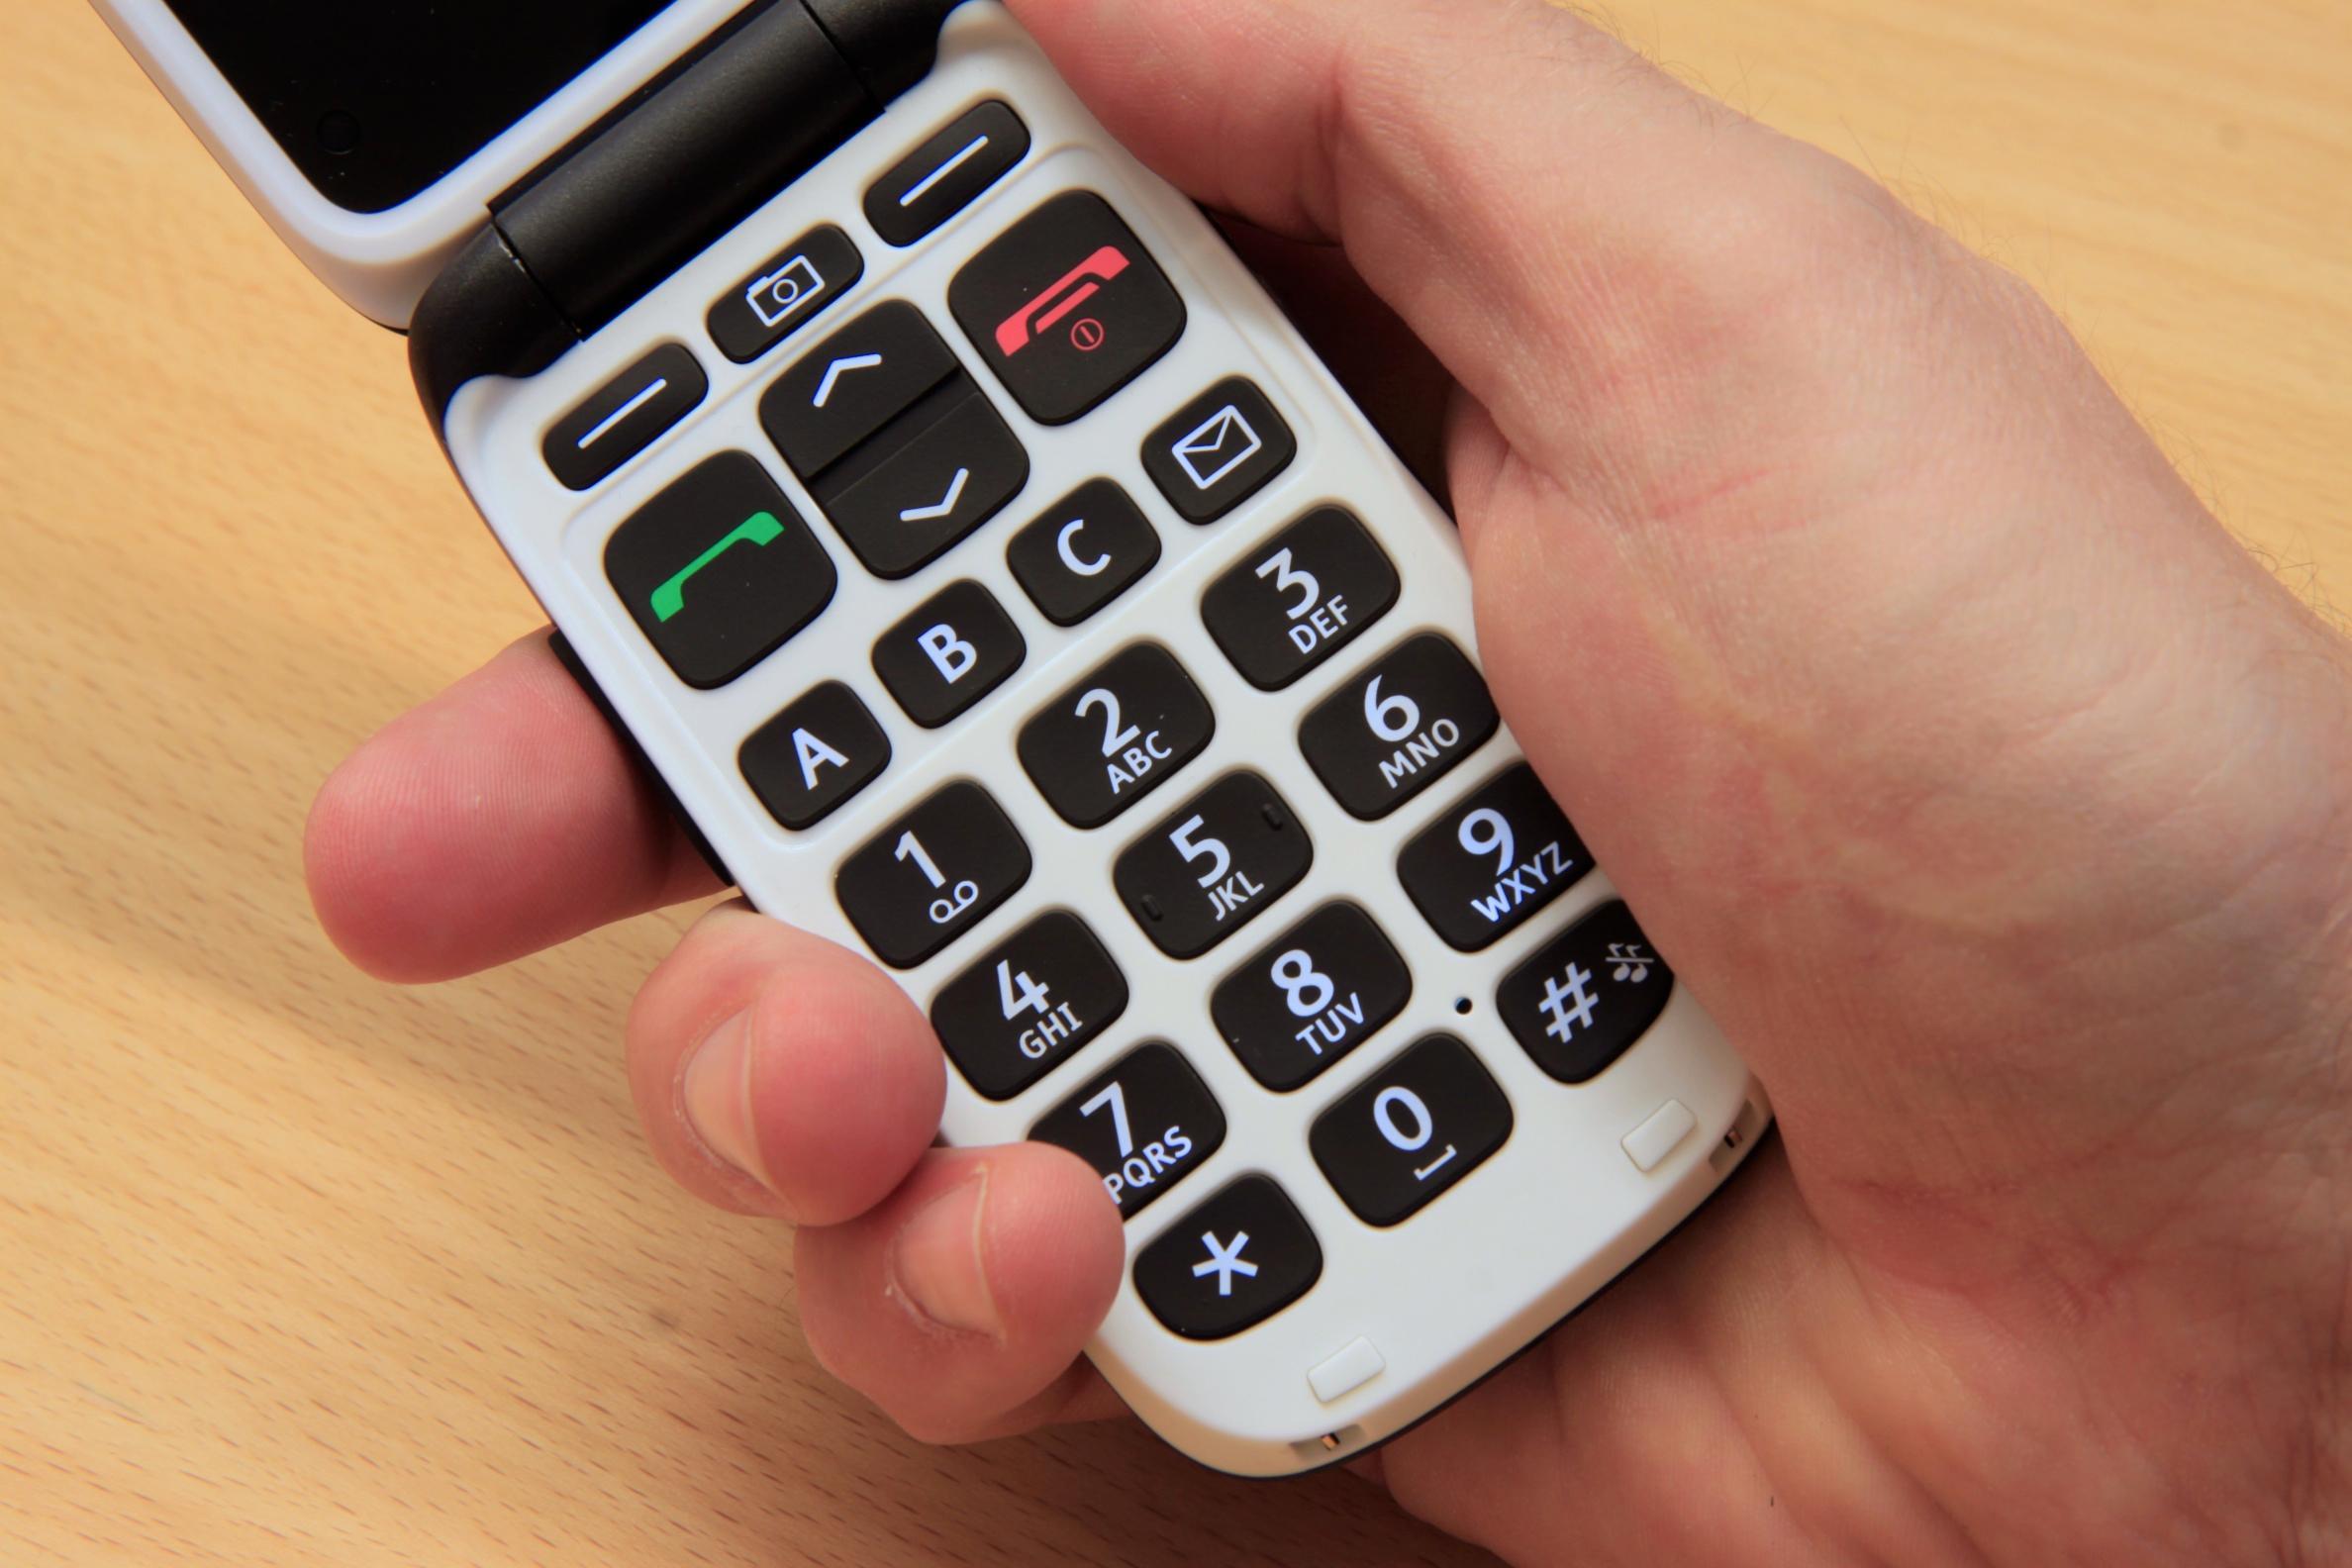 Det er hurtigtaster for å ringe de tre mest brukte telefonnummerne.Foto: Kurt Lekanger, Amobil.no